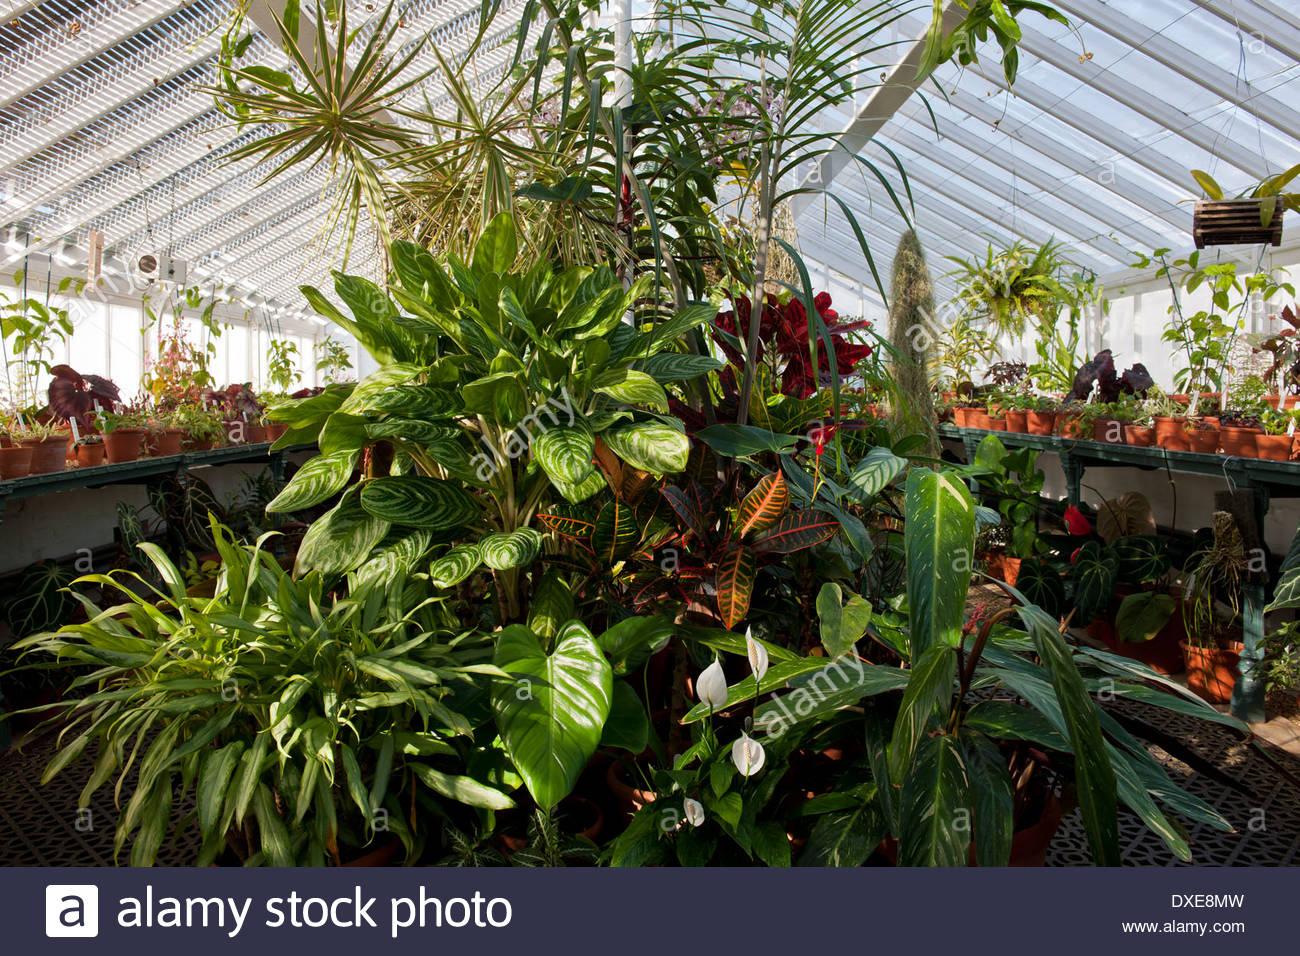 Zarte Pflanzen Gewachshaus Gewachshaus Regal Topfe Behalter Fruhling